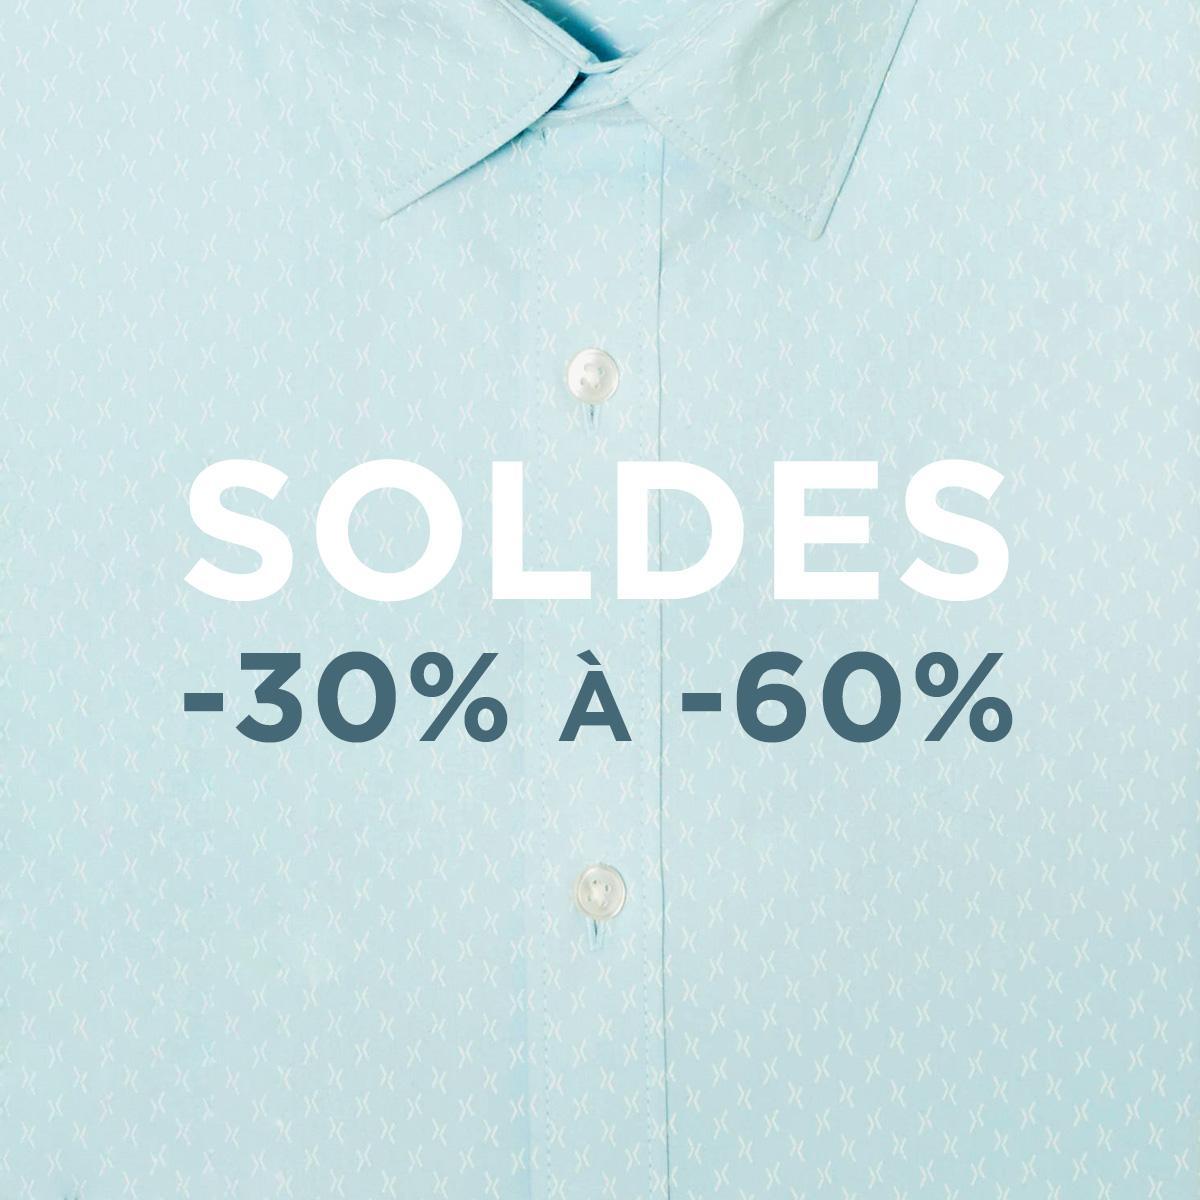 Les Soldes, c'est parti ! Ton look des vacances t'attend ! http://t.co/LjpPiKPnC4 http://t.co/gnHsxJvURN